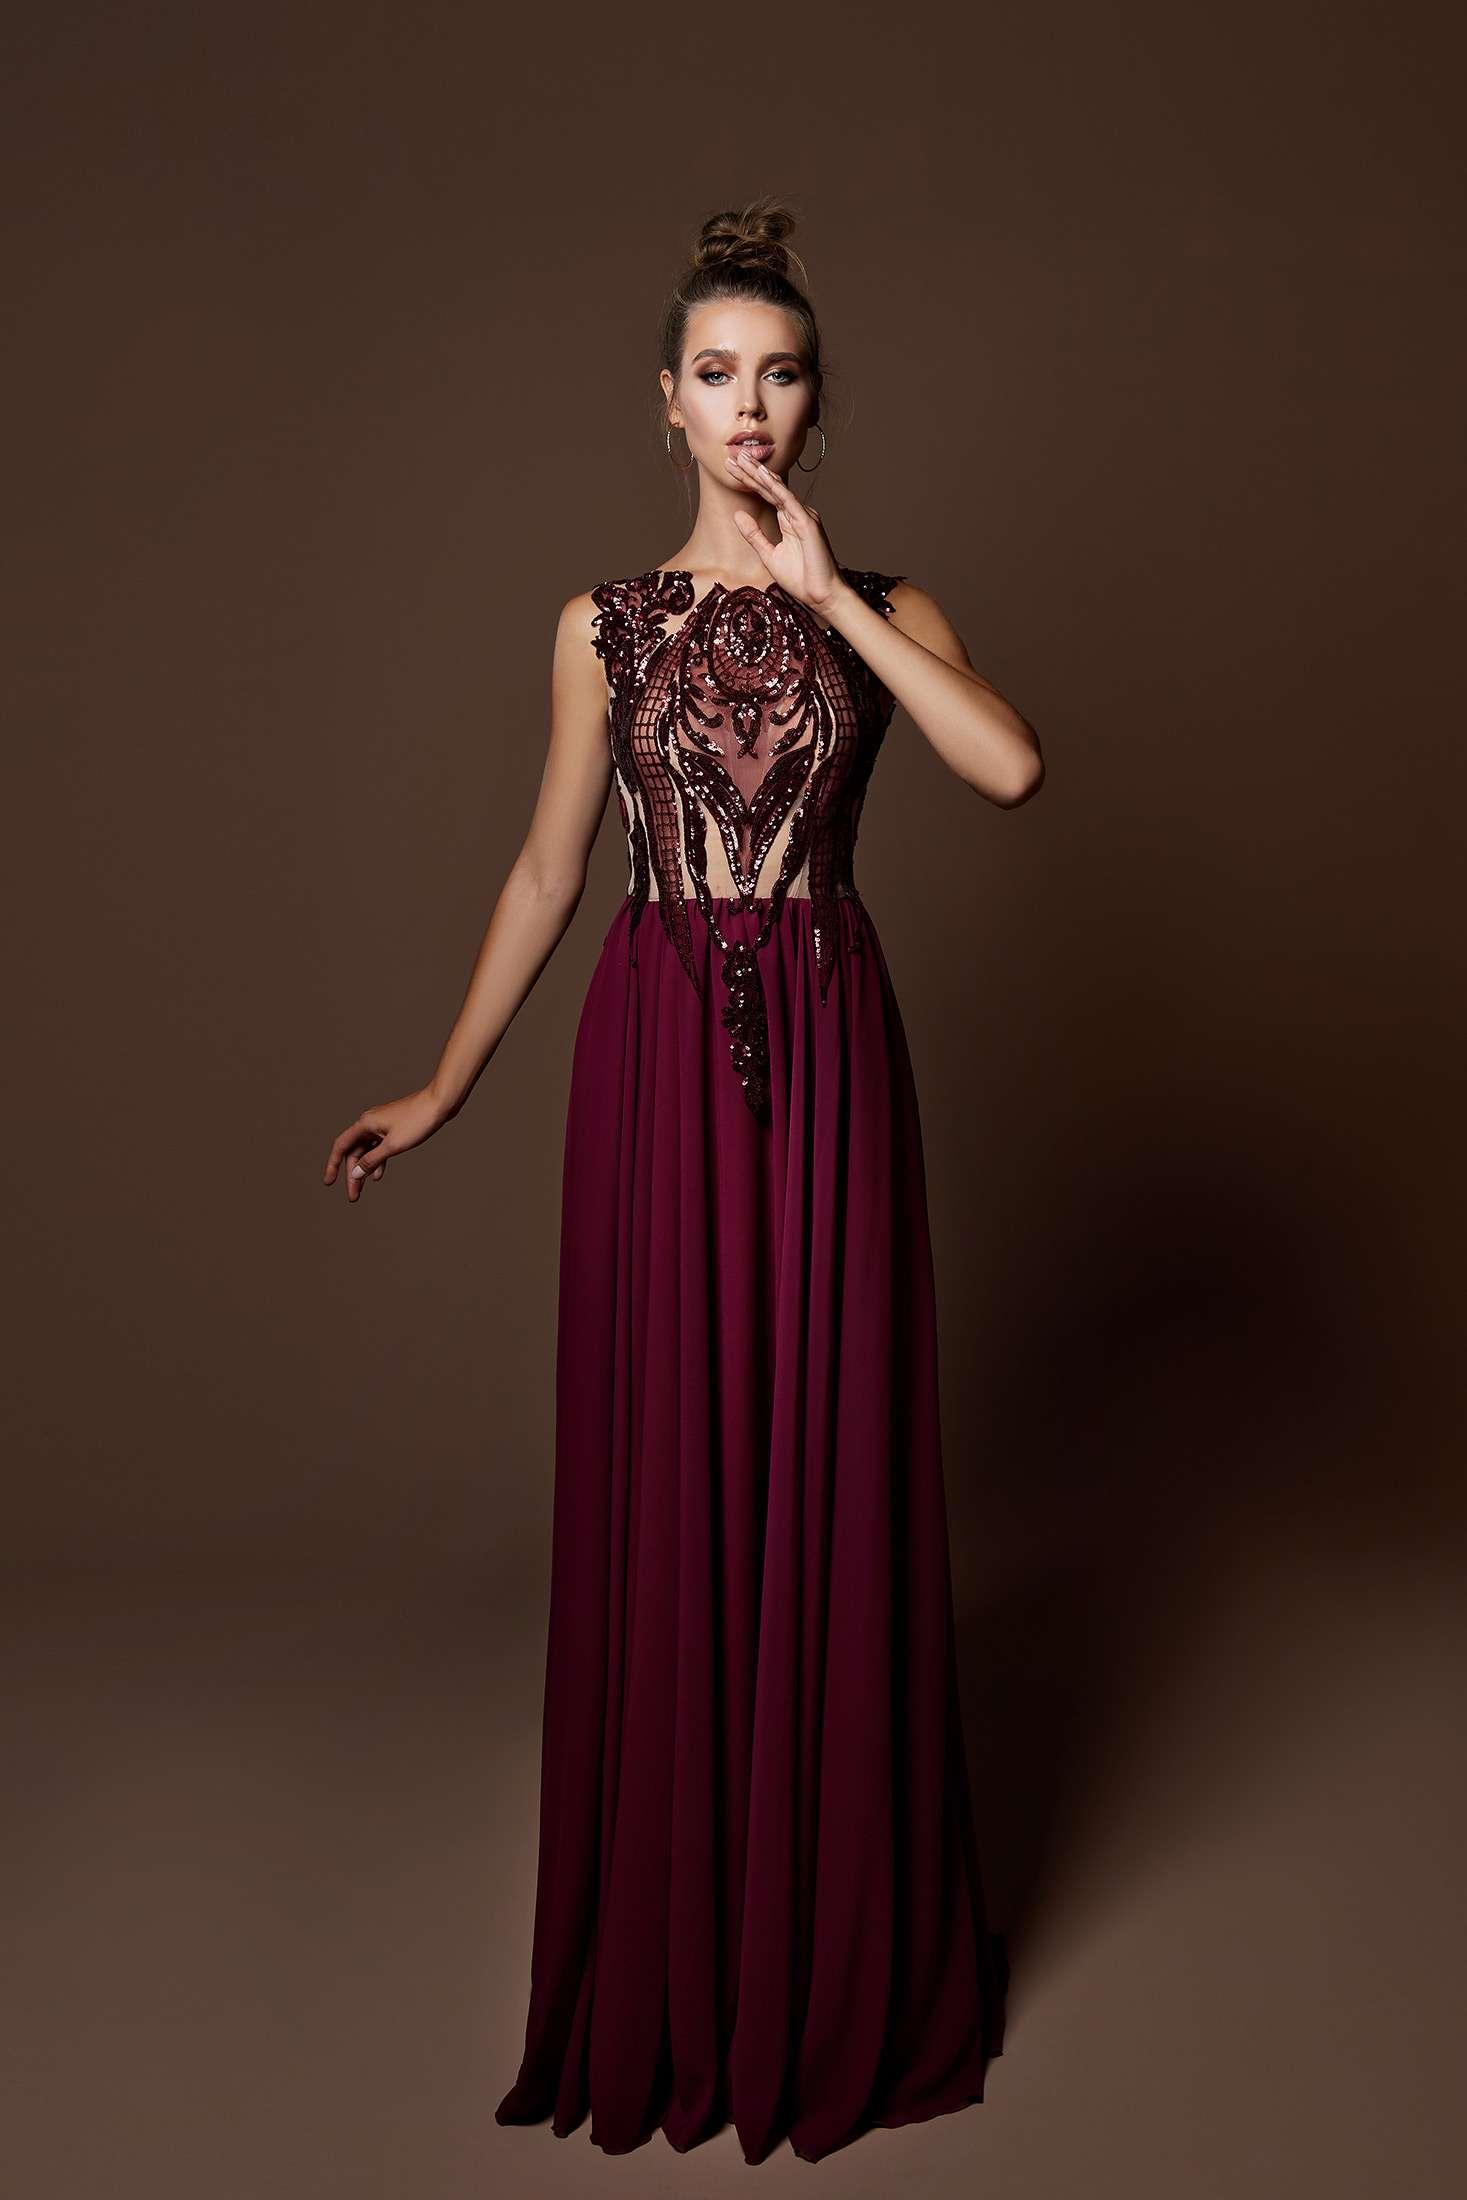 вечернее платье Indira_(2).1800x1800w